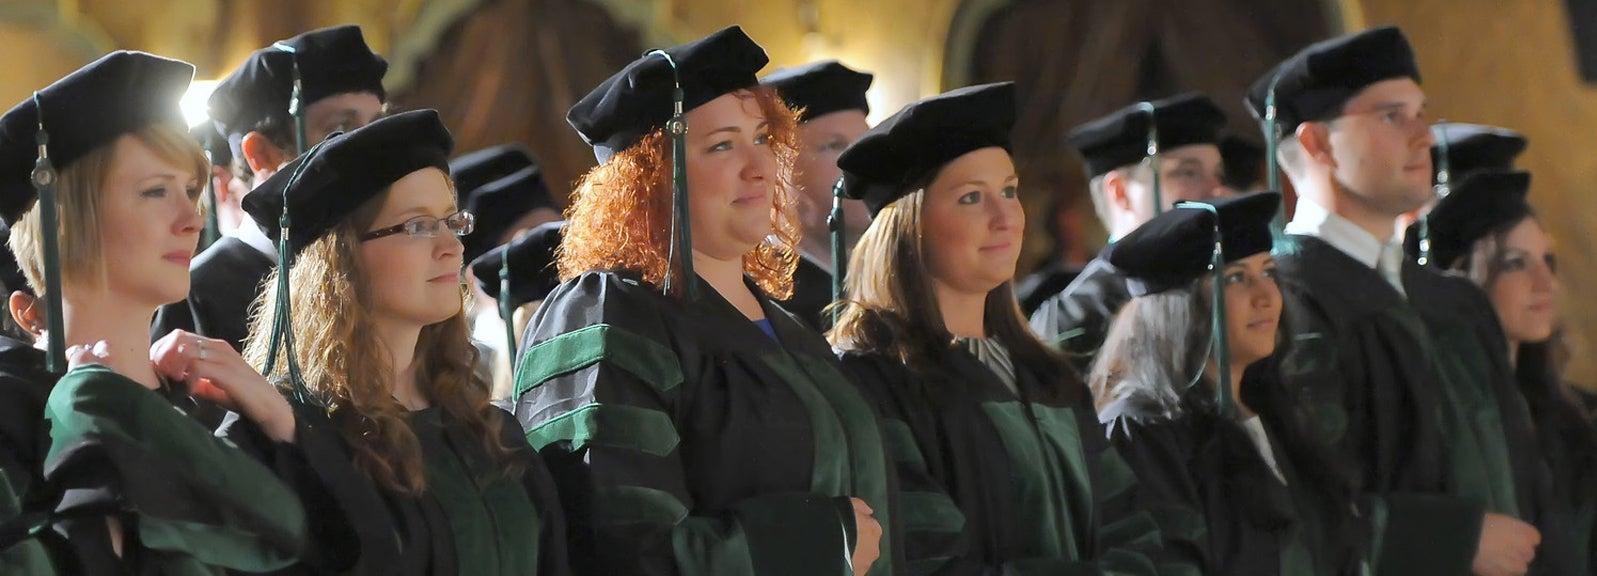 Marshall university admissions essay